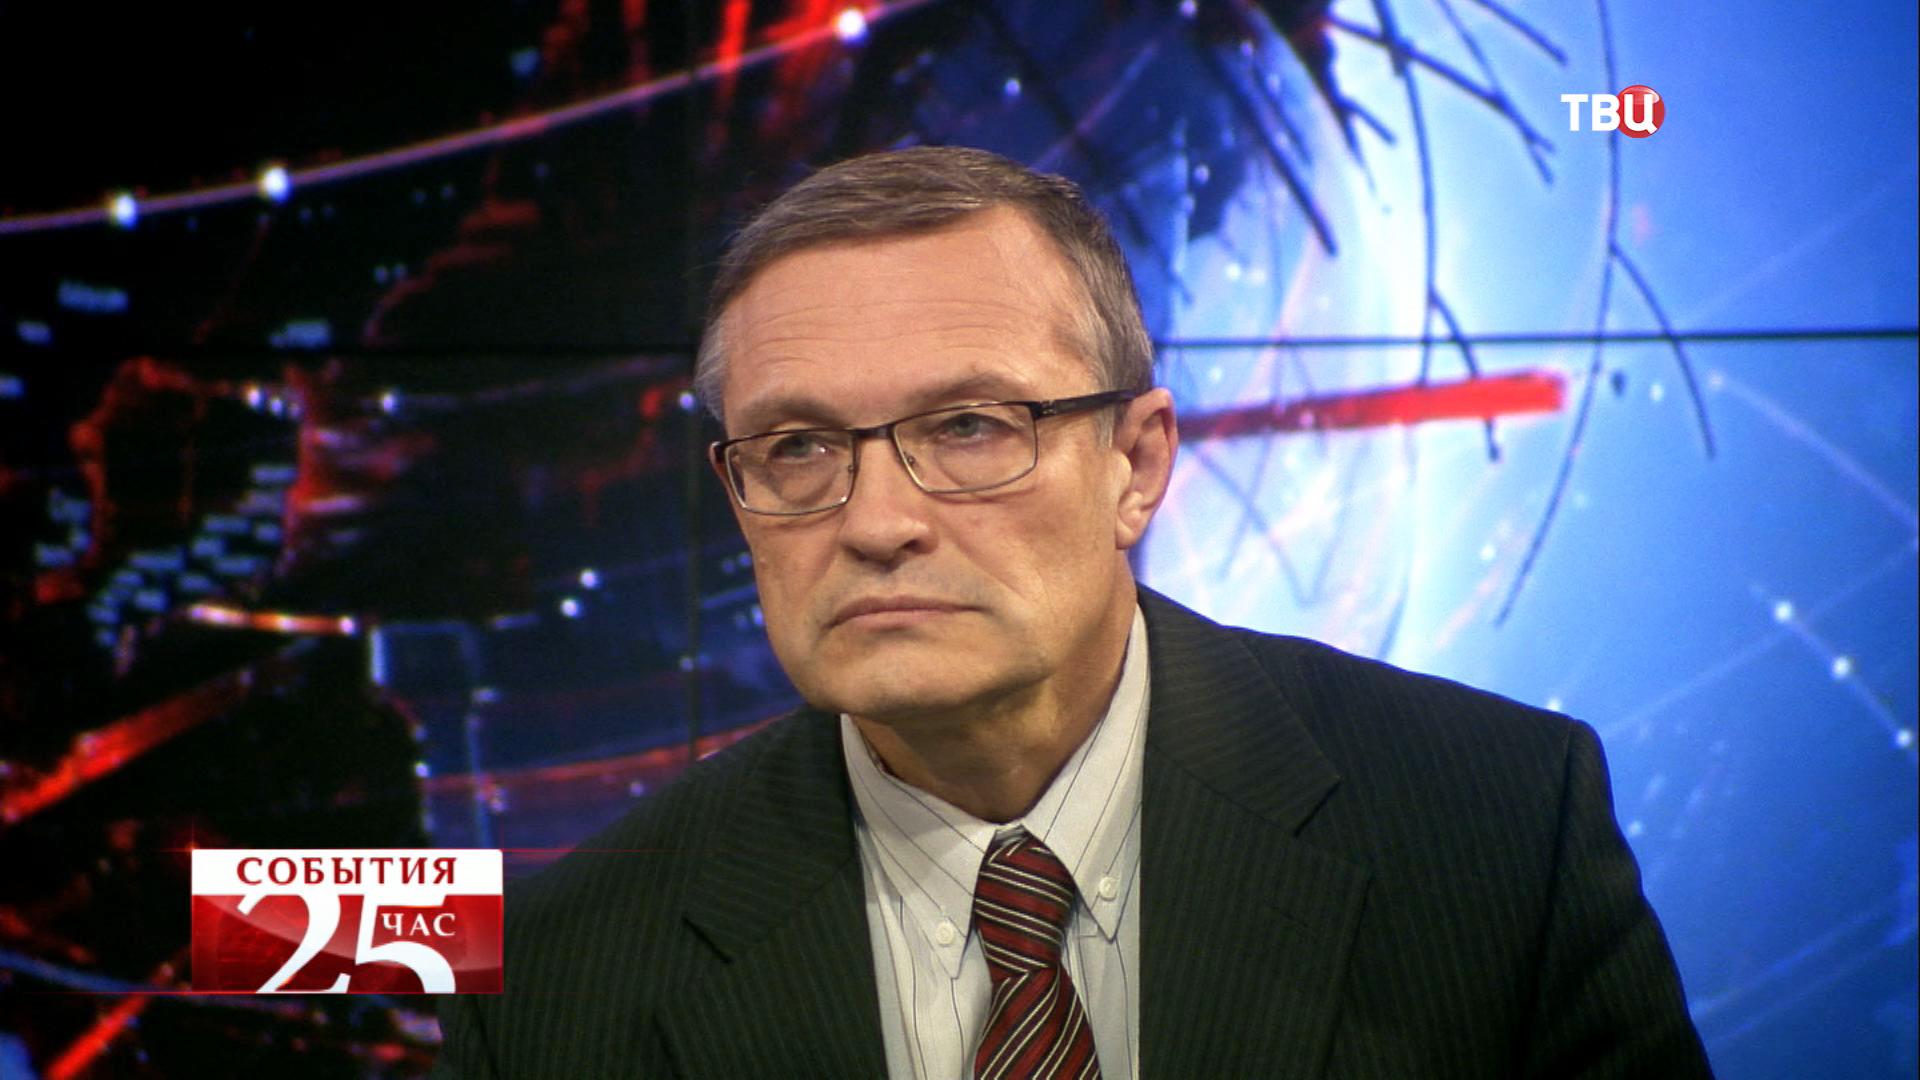 Андрей Колганов - доктор экономических наук, заведующий лабораторией экономического факультета МГУ имени М.В.Ломоносова